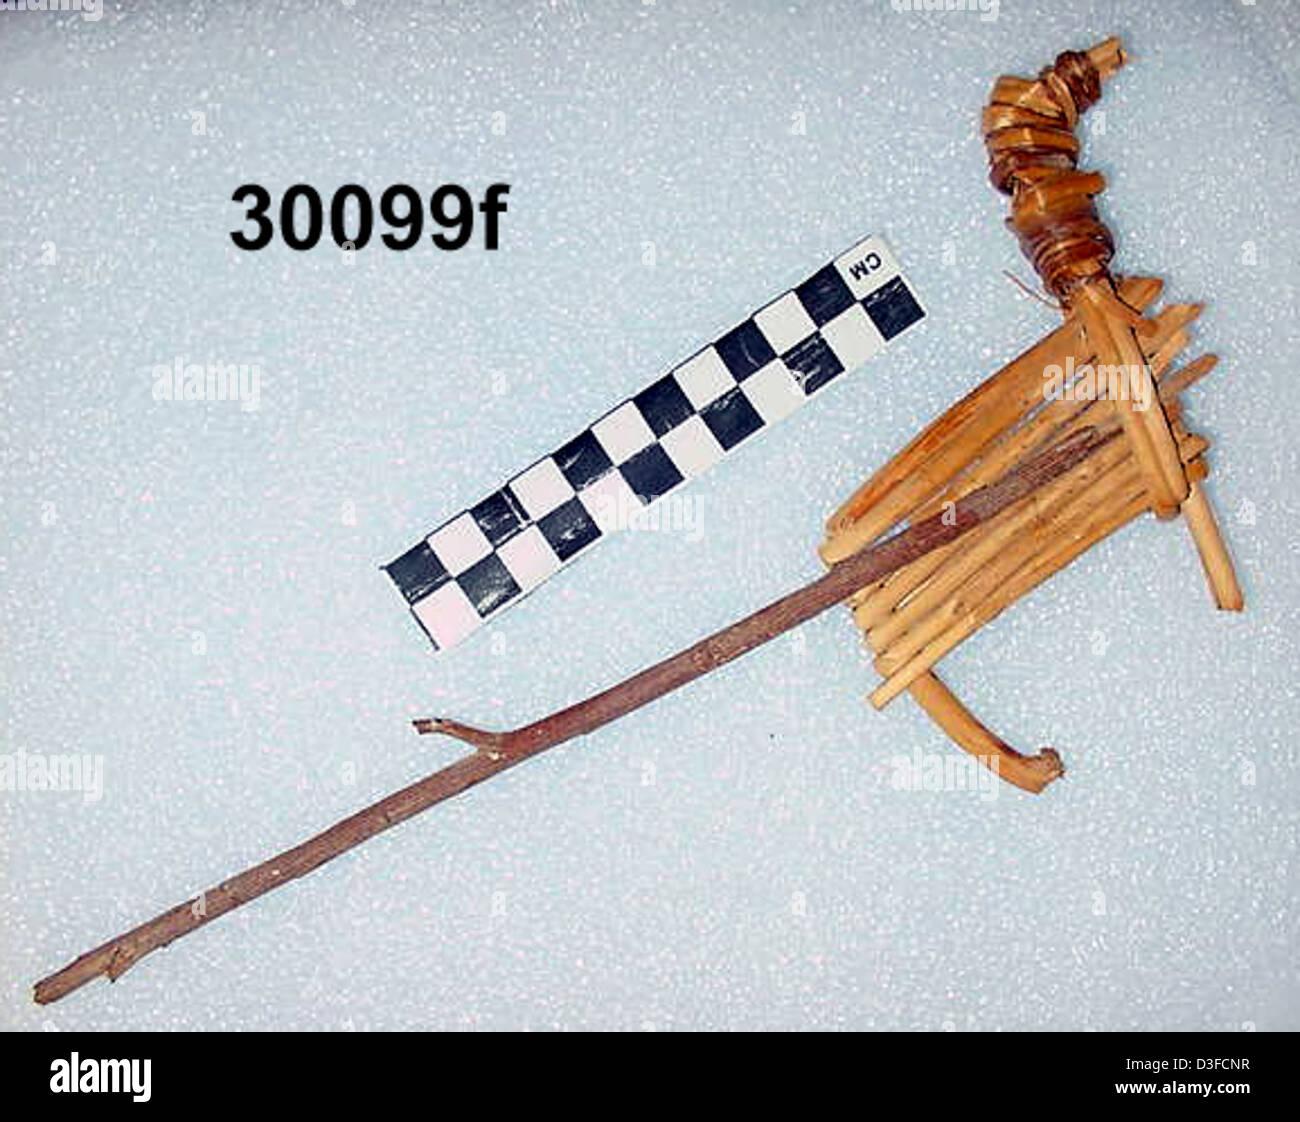 Split-Twig Figurine GRCA_30099f - Stock Image